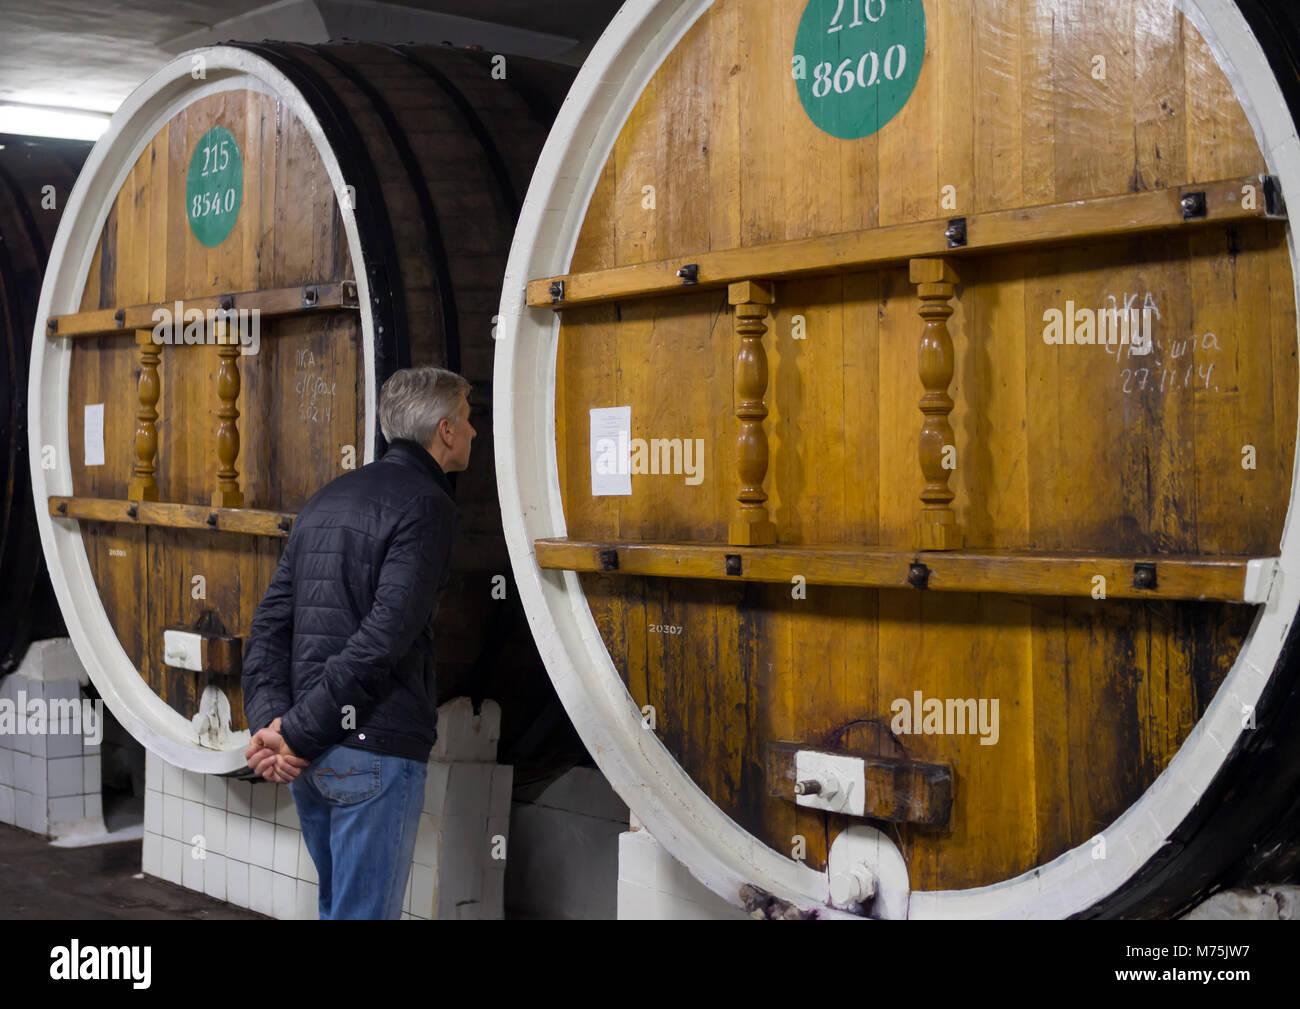 Massandra, Russia - 09 Novembre 2015: sta un uomo in botti da vino nel negozio la velocità di otturazione e Immagini Stock